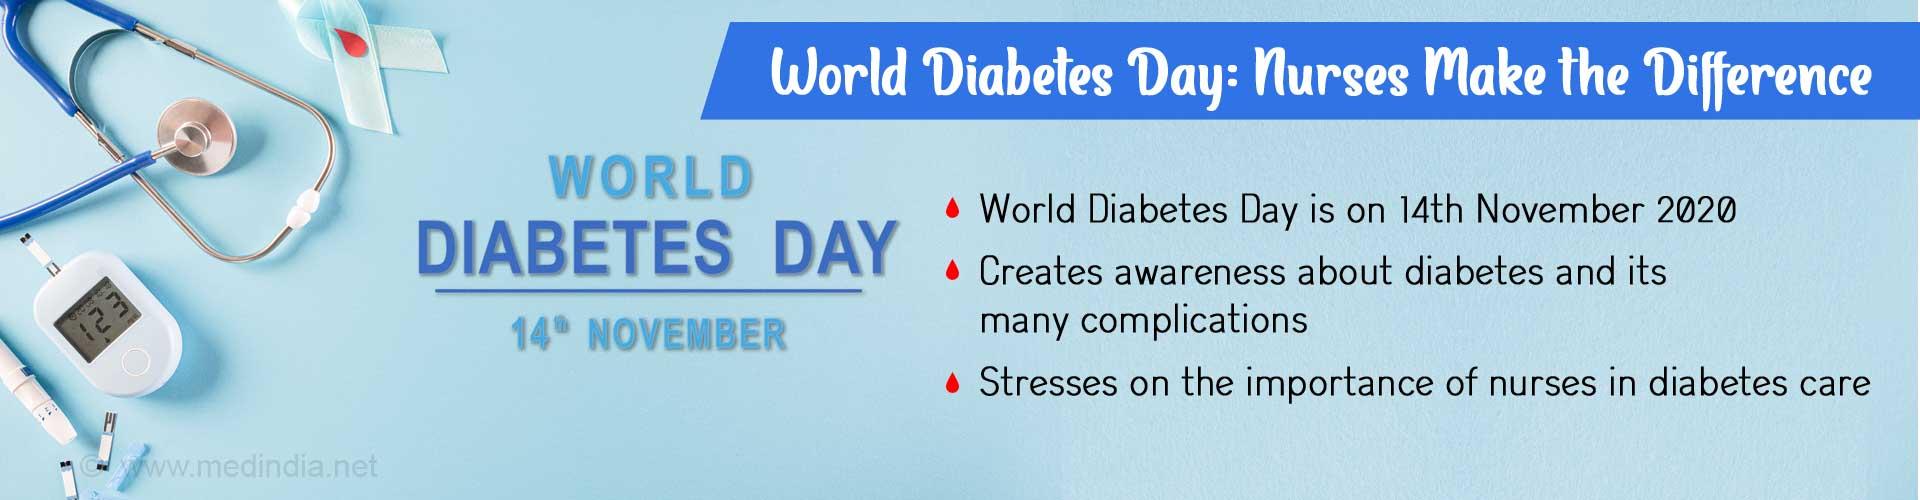 World Diabetes Day: Focus on Nurses and Diabetes